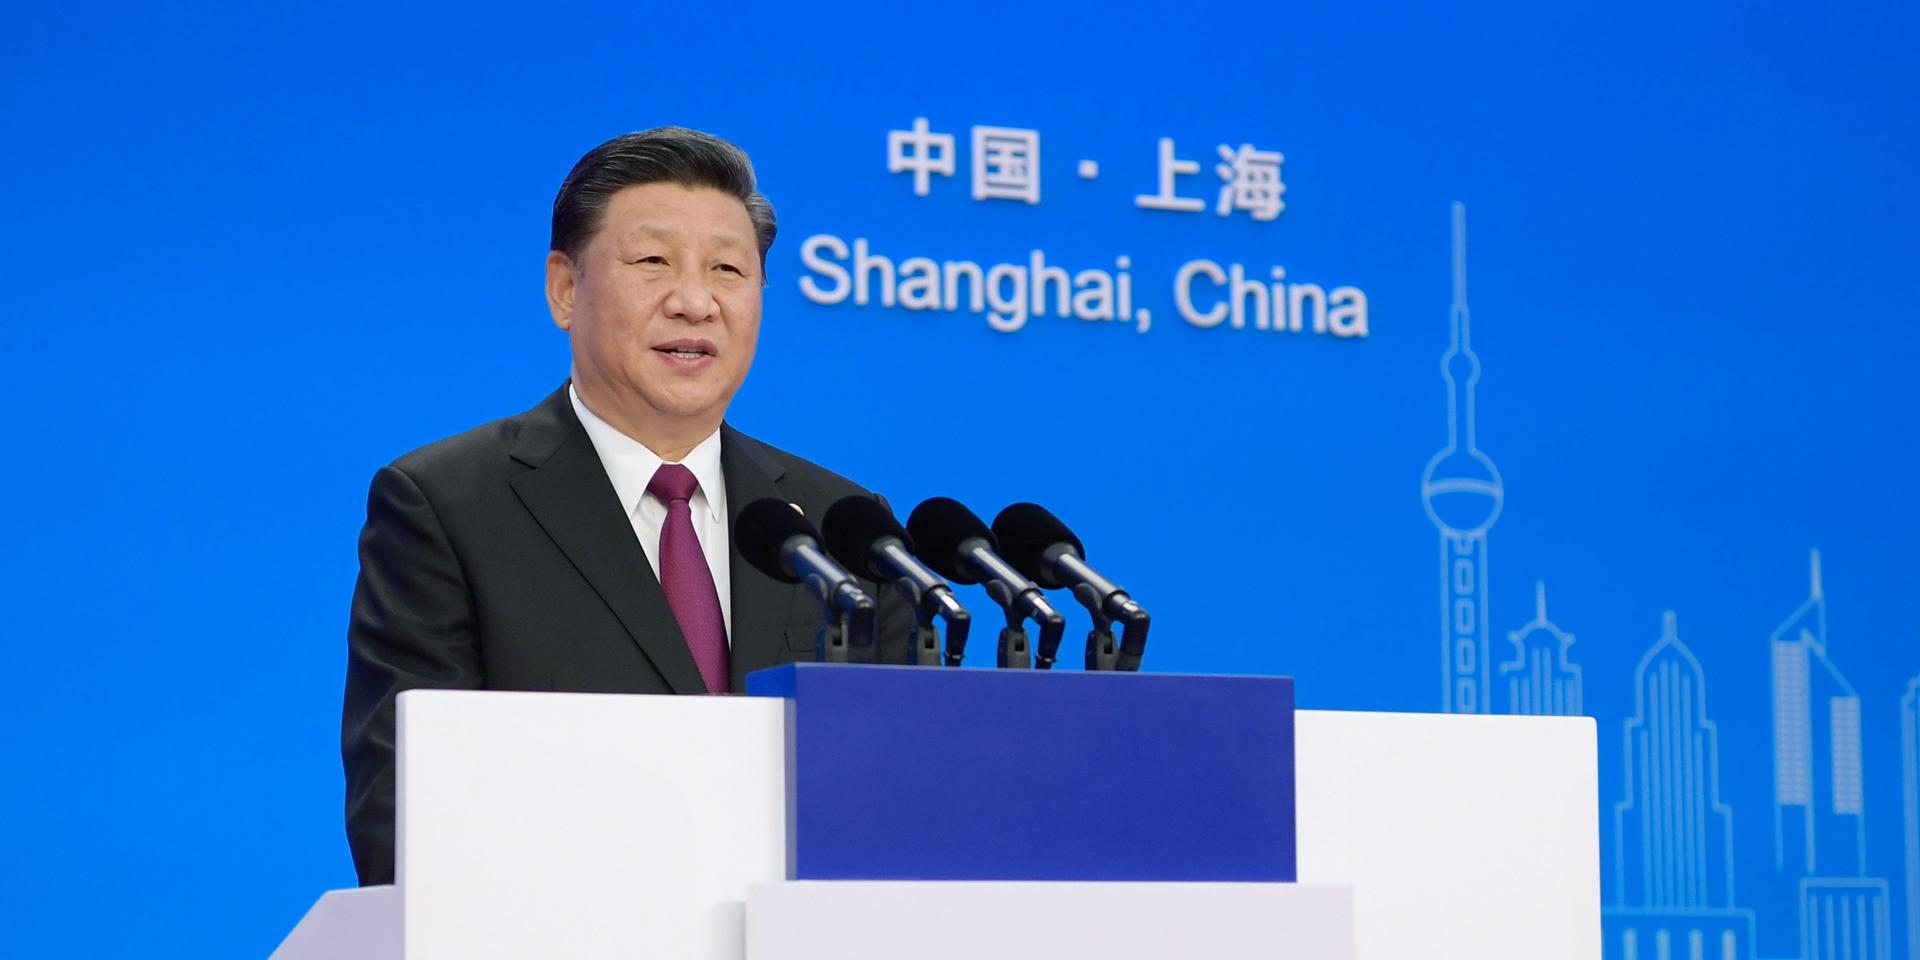 中国推动构建人类命运共同体的脚步不会停滞!